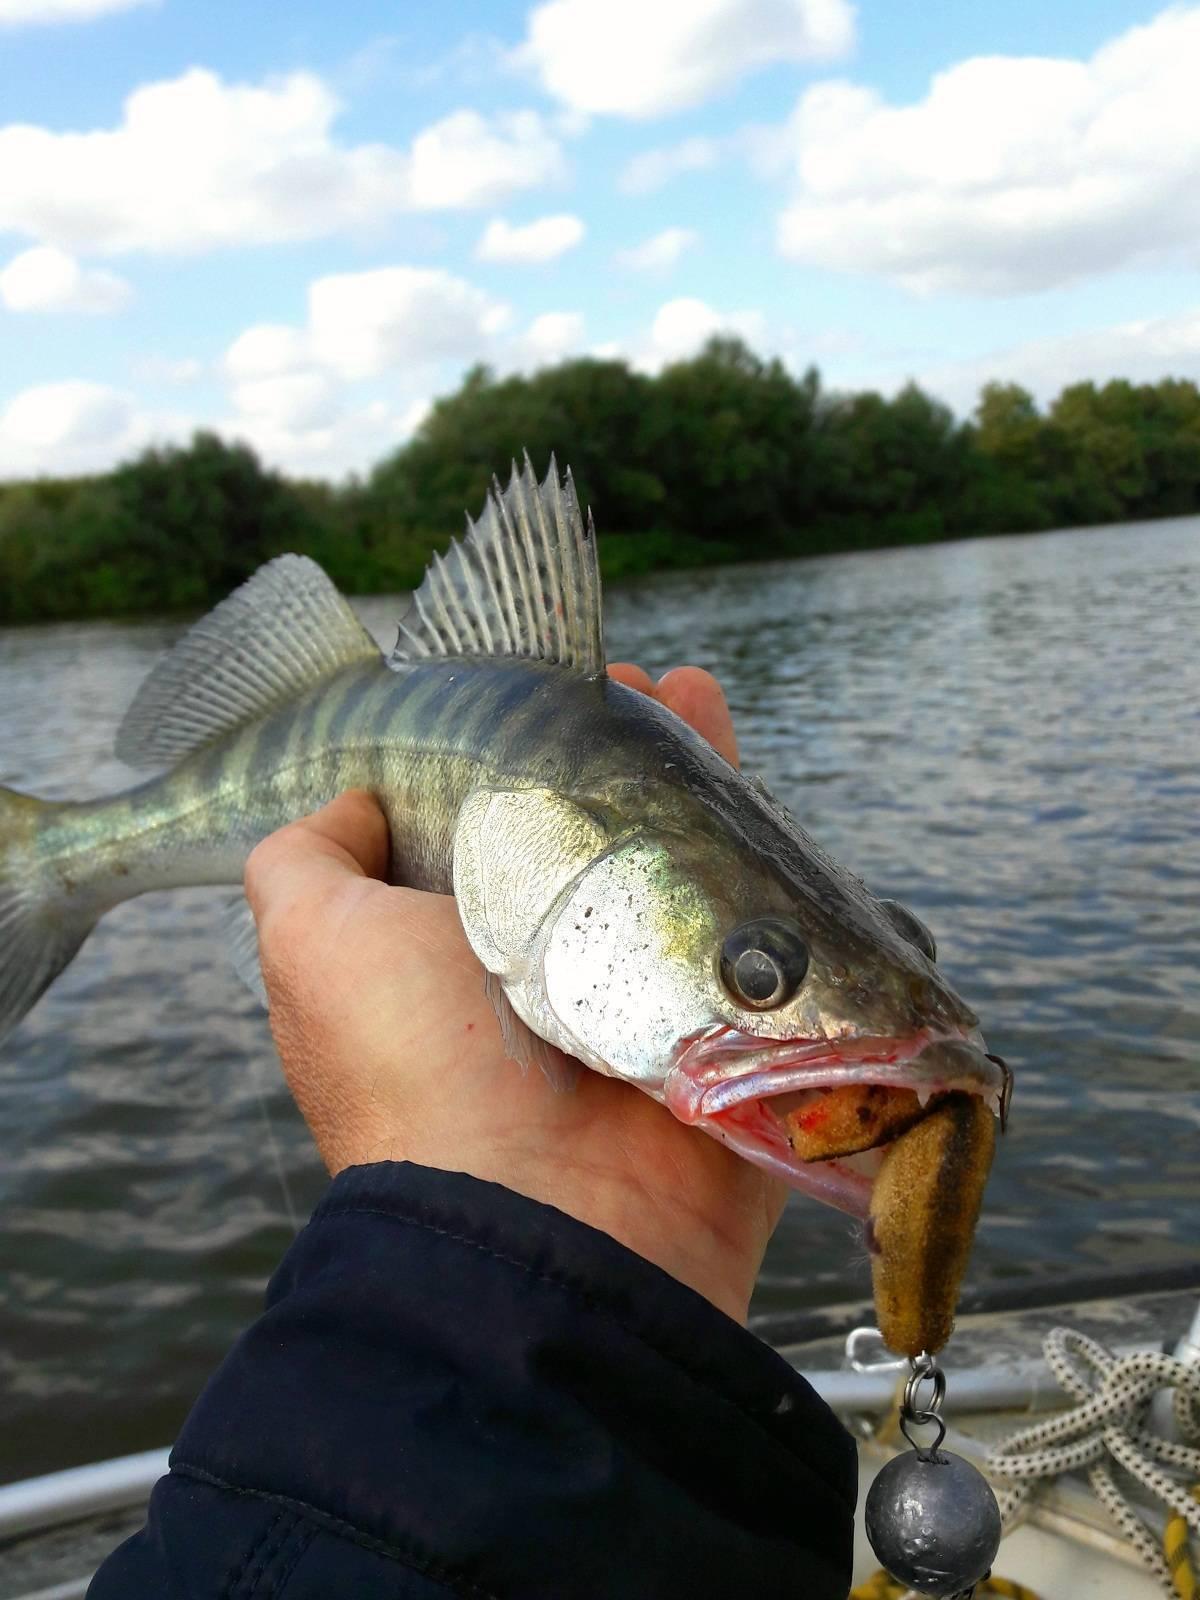 Летняя рыбалка со спиннингом – окунь на микроджиг - рыбалка на ахтубе с комфортом - база трёхречье